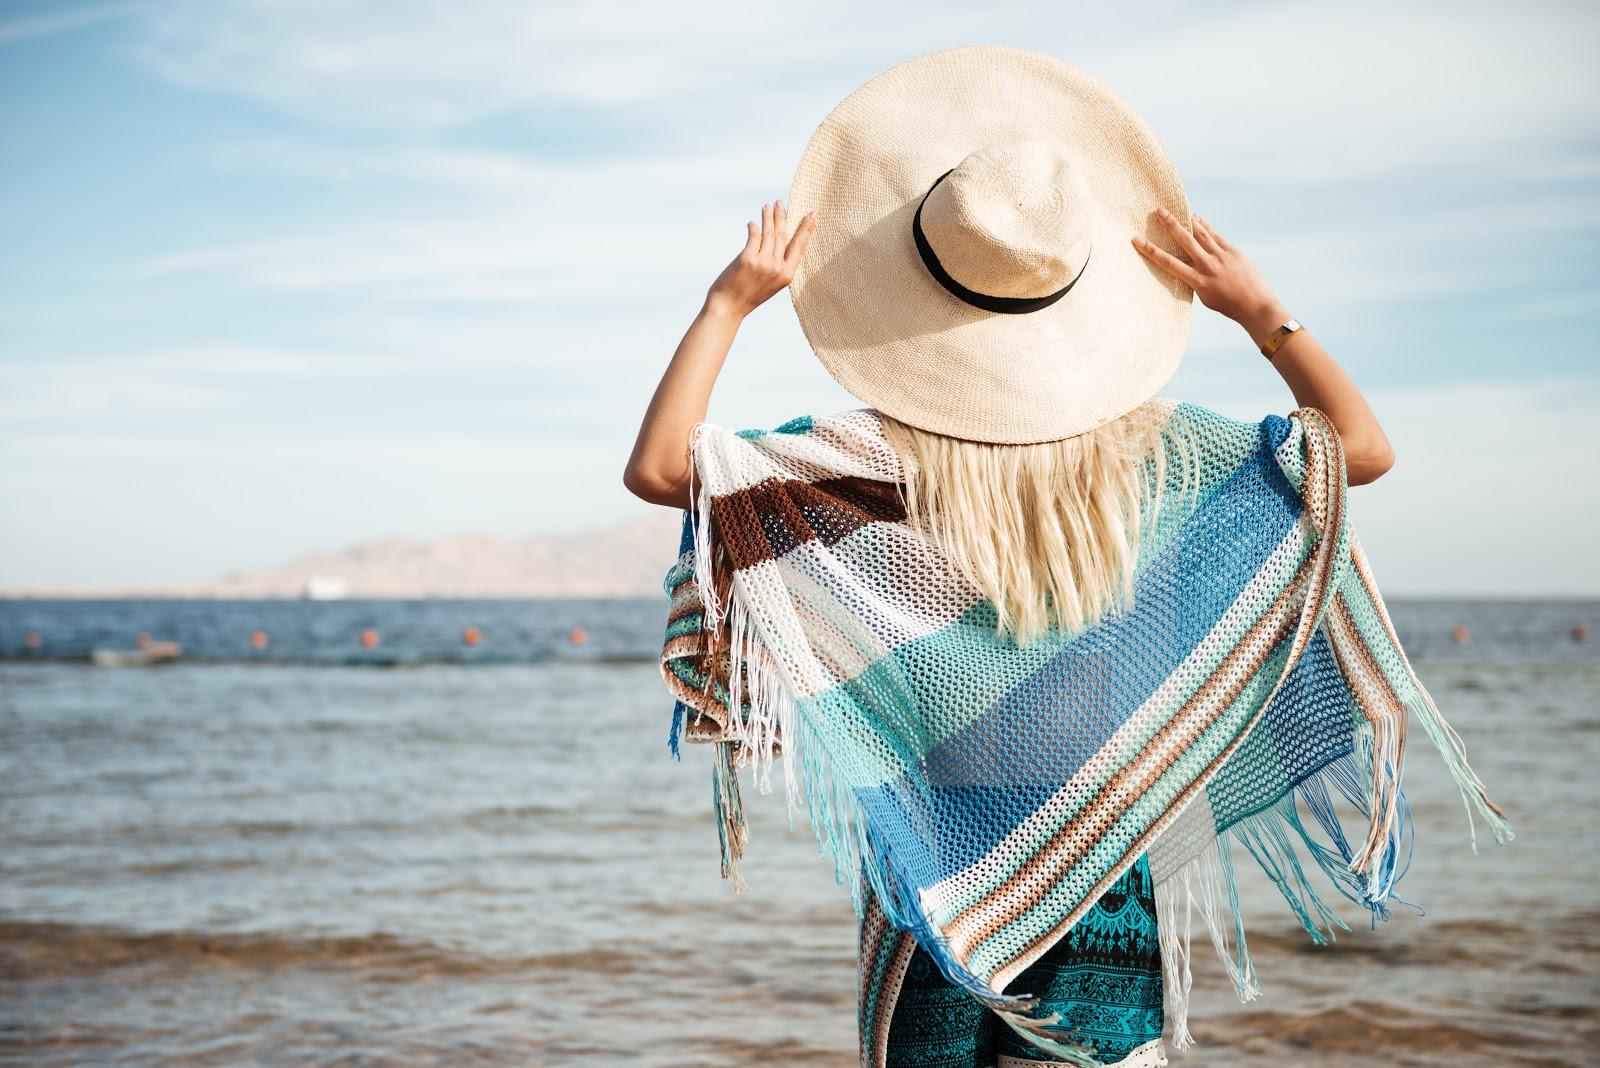 Îți vei petrece concediul la mare? Află ce NU trebuie să îți lipsească din geanta de plajă!